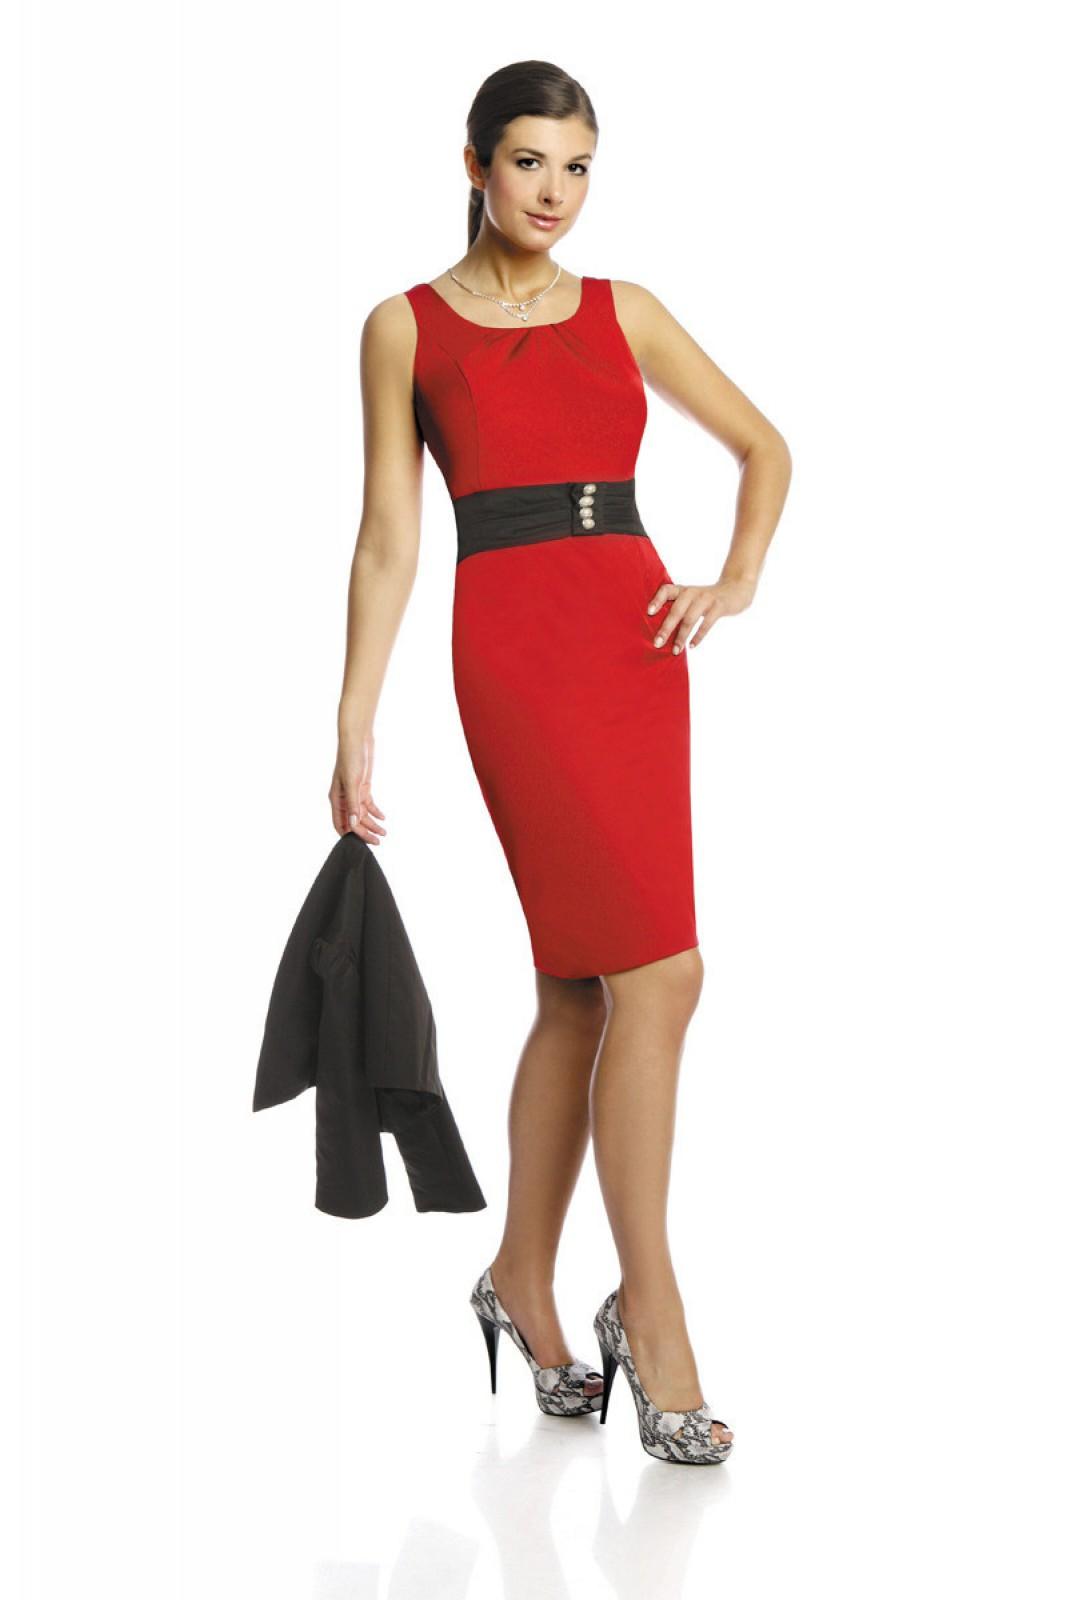 Klassisches 2-teiliges EtuiKleid schwarz rot preiswert bei ...